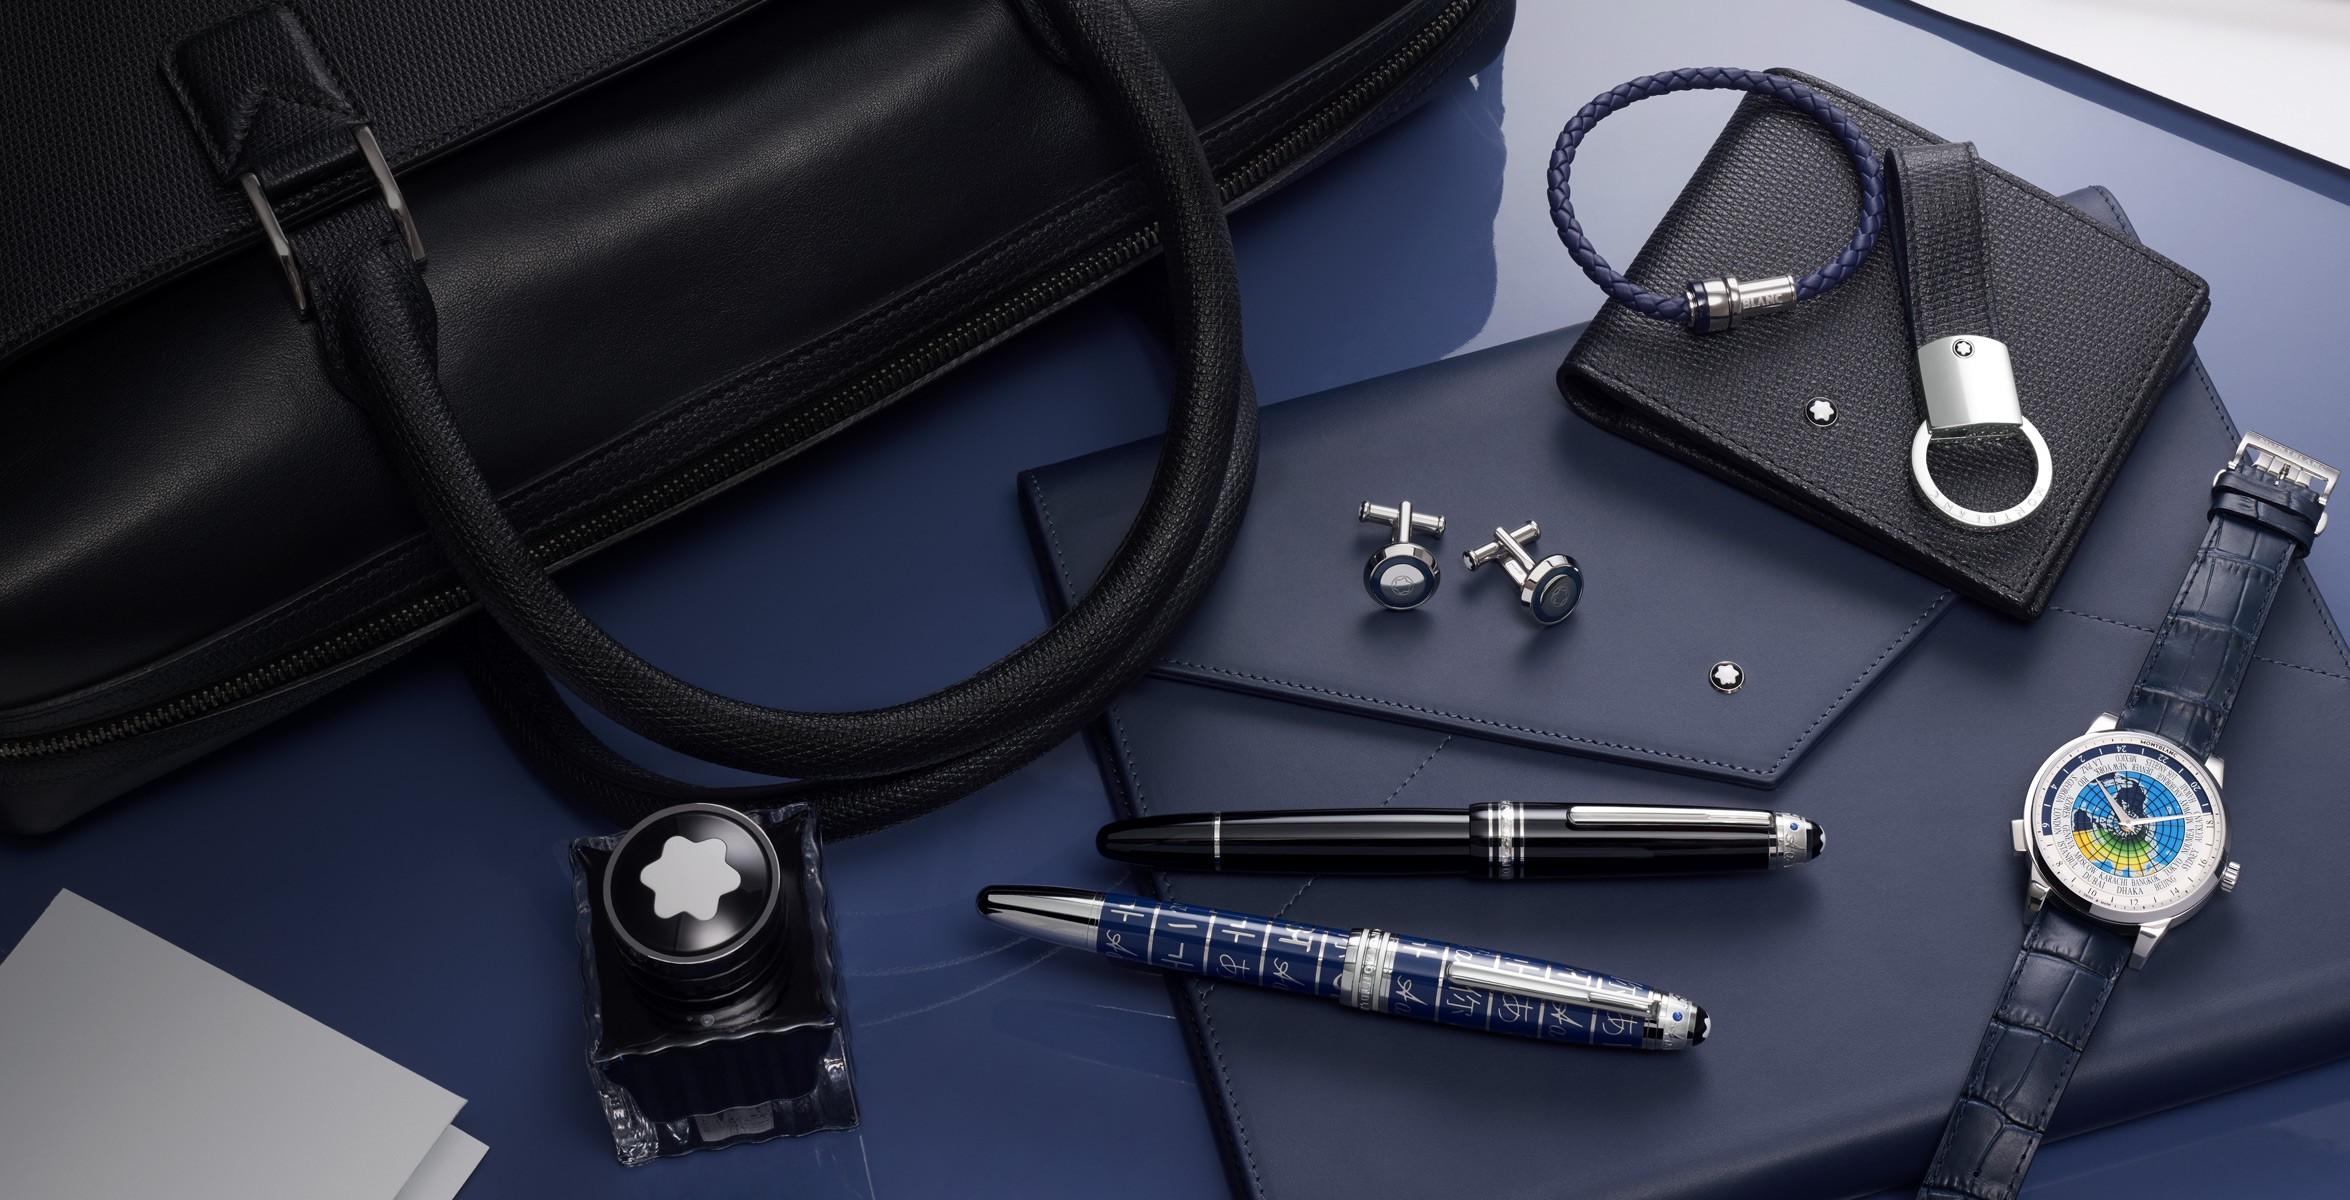 Alguns produtos da nova coleção lançada pela Montblanc em parceria com a Unicef (Foto: Divulgação)